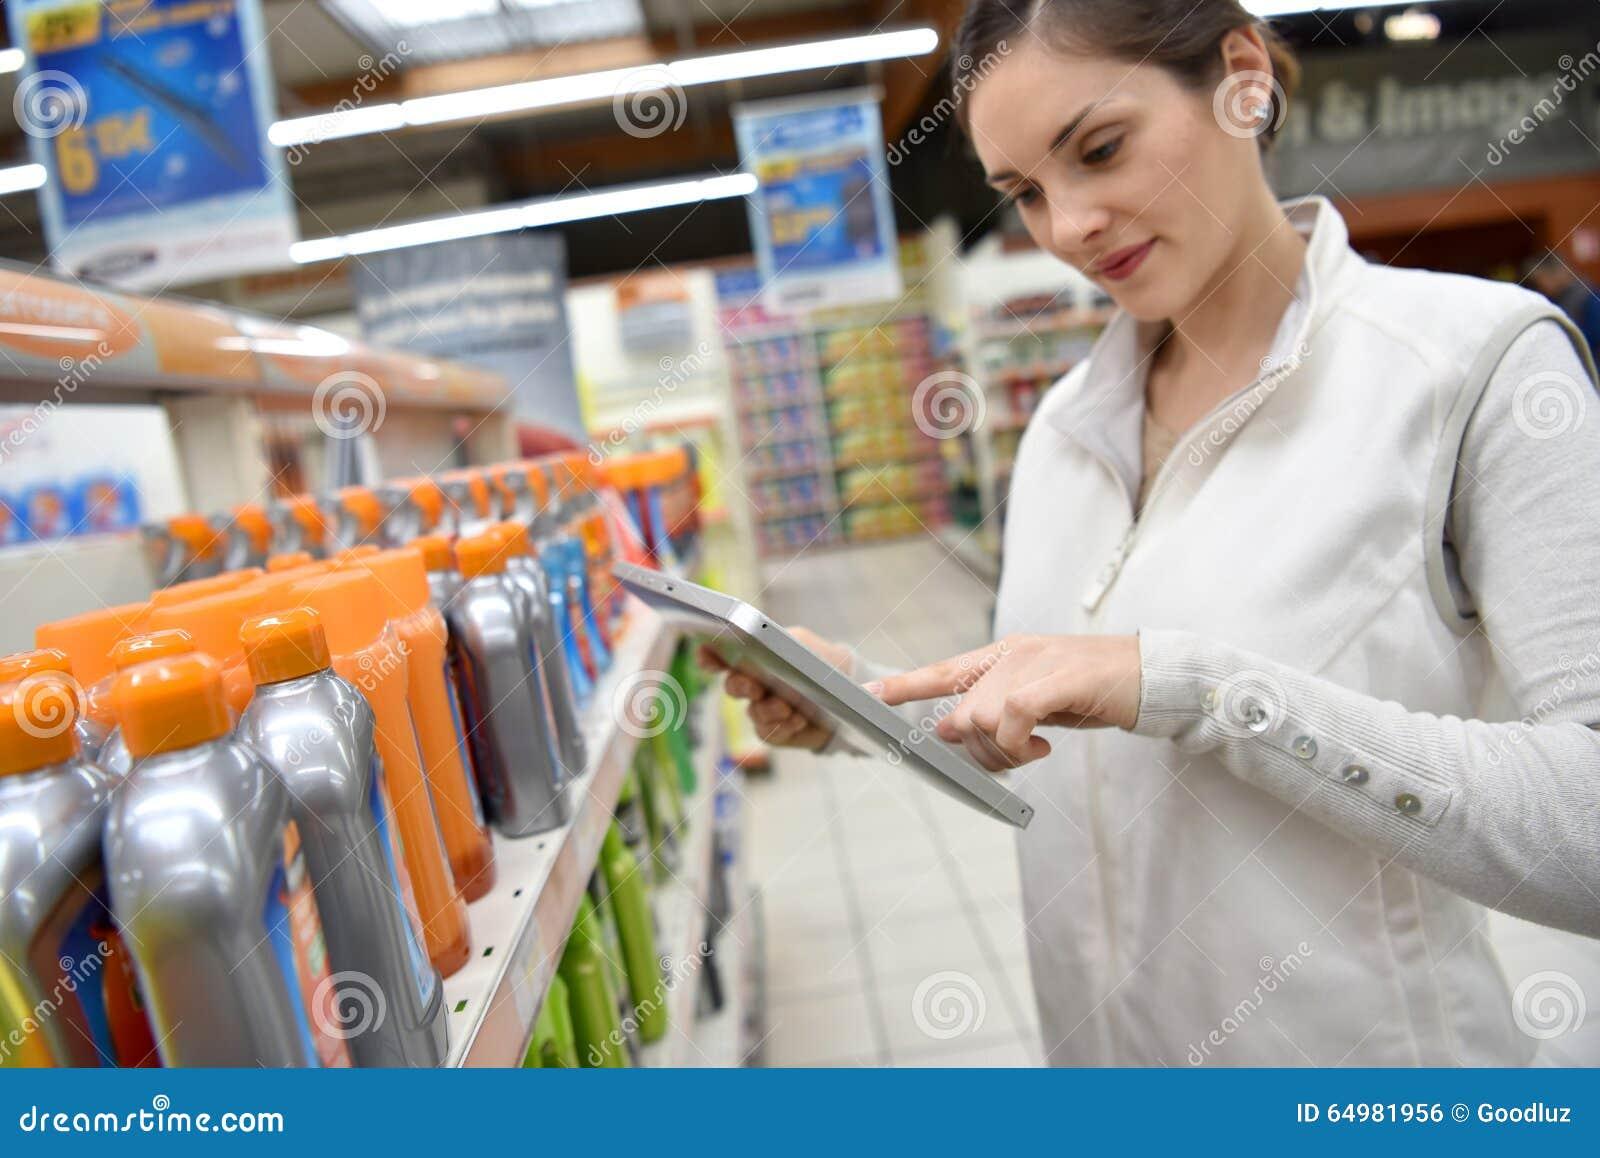 Marchandiseur au magasin faisant l inventaire